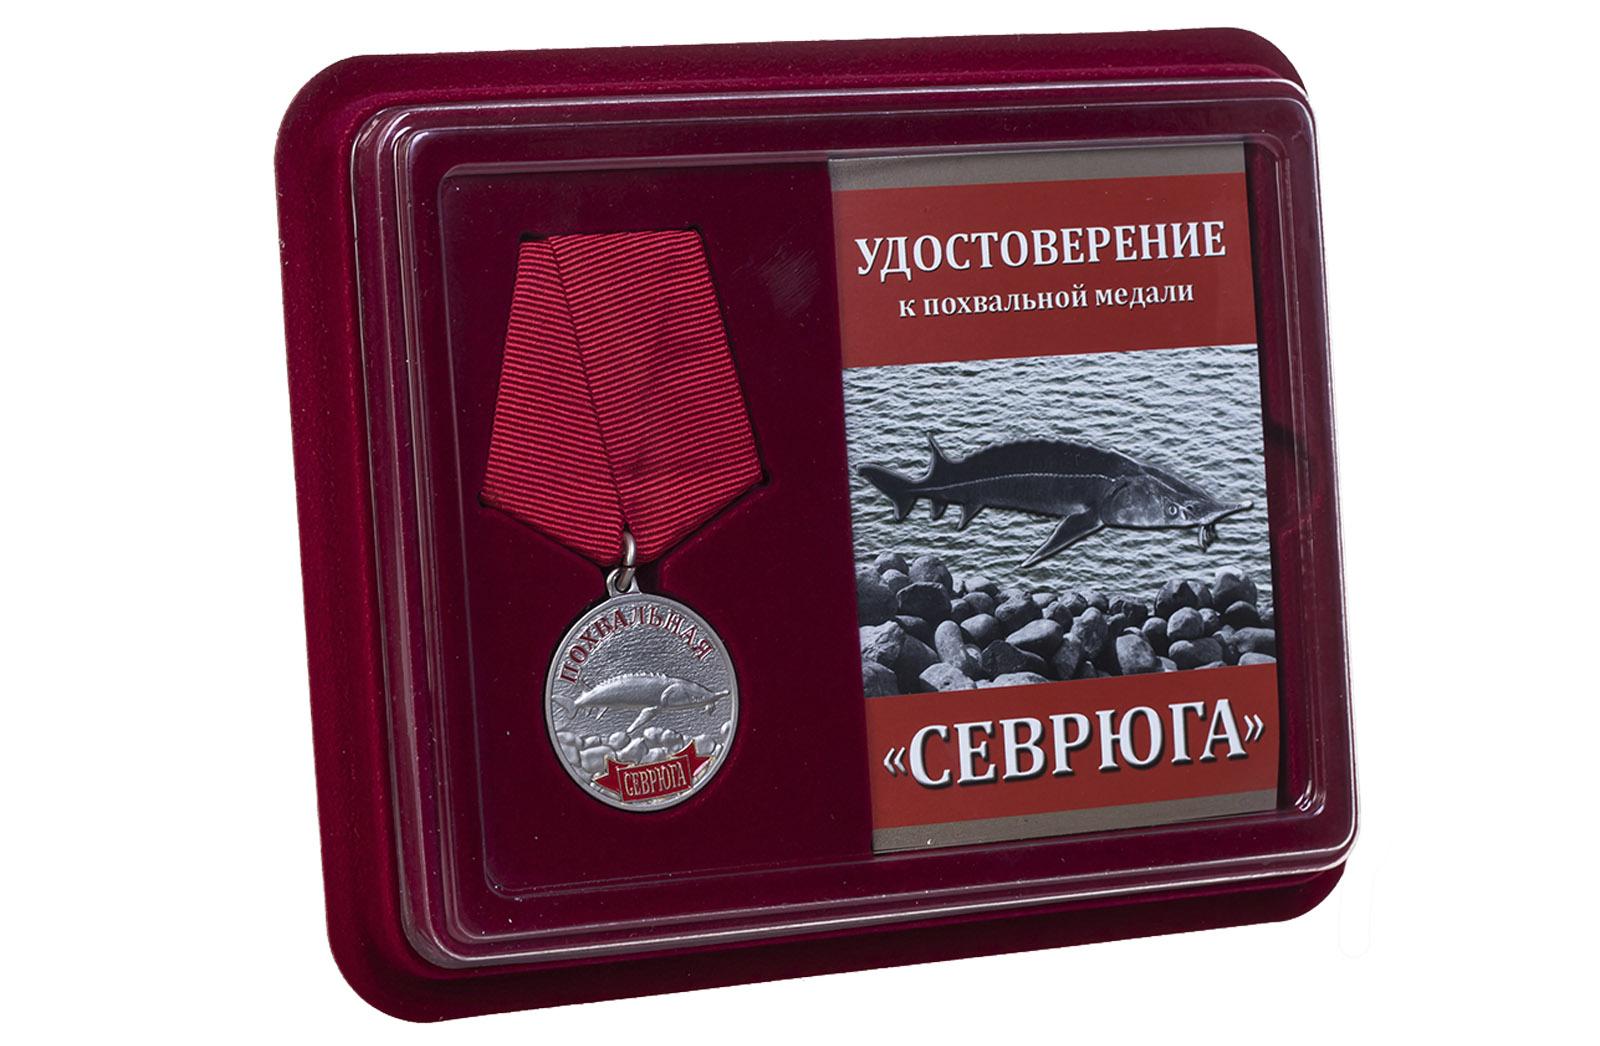 Купить похвальную медаль Севрюга с доставкой в ваш город